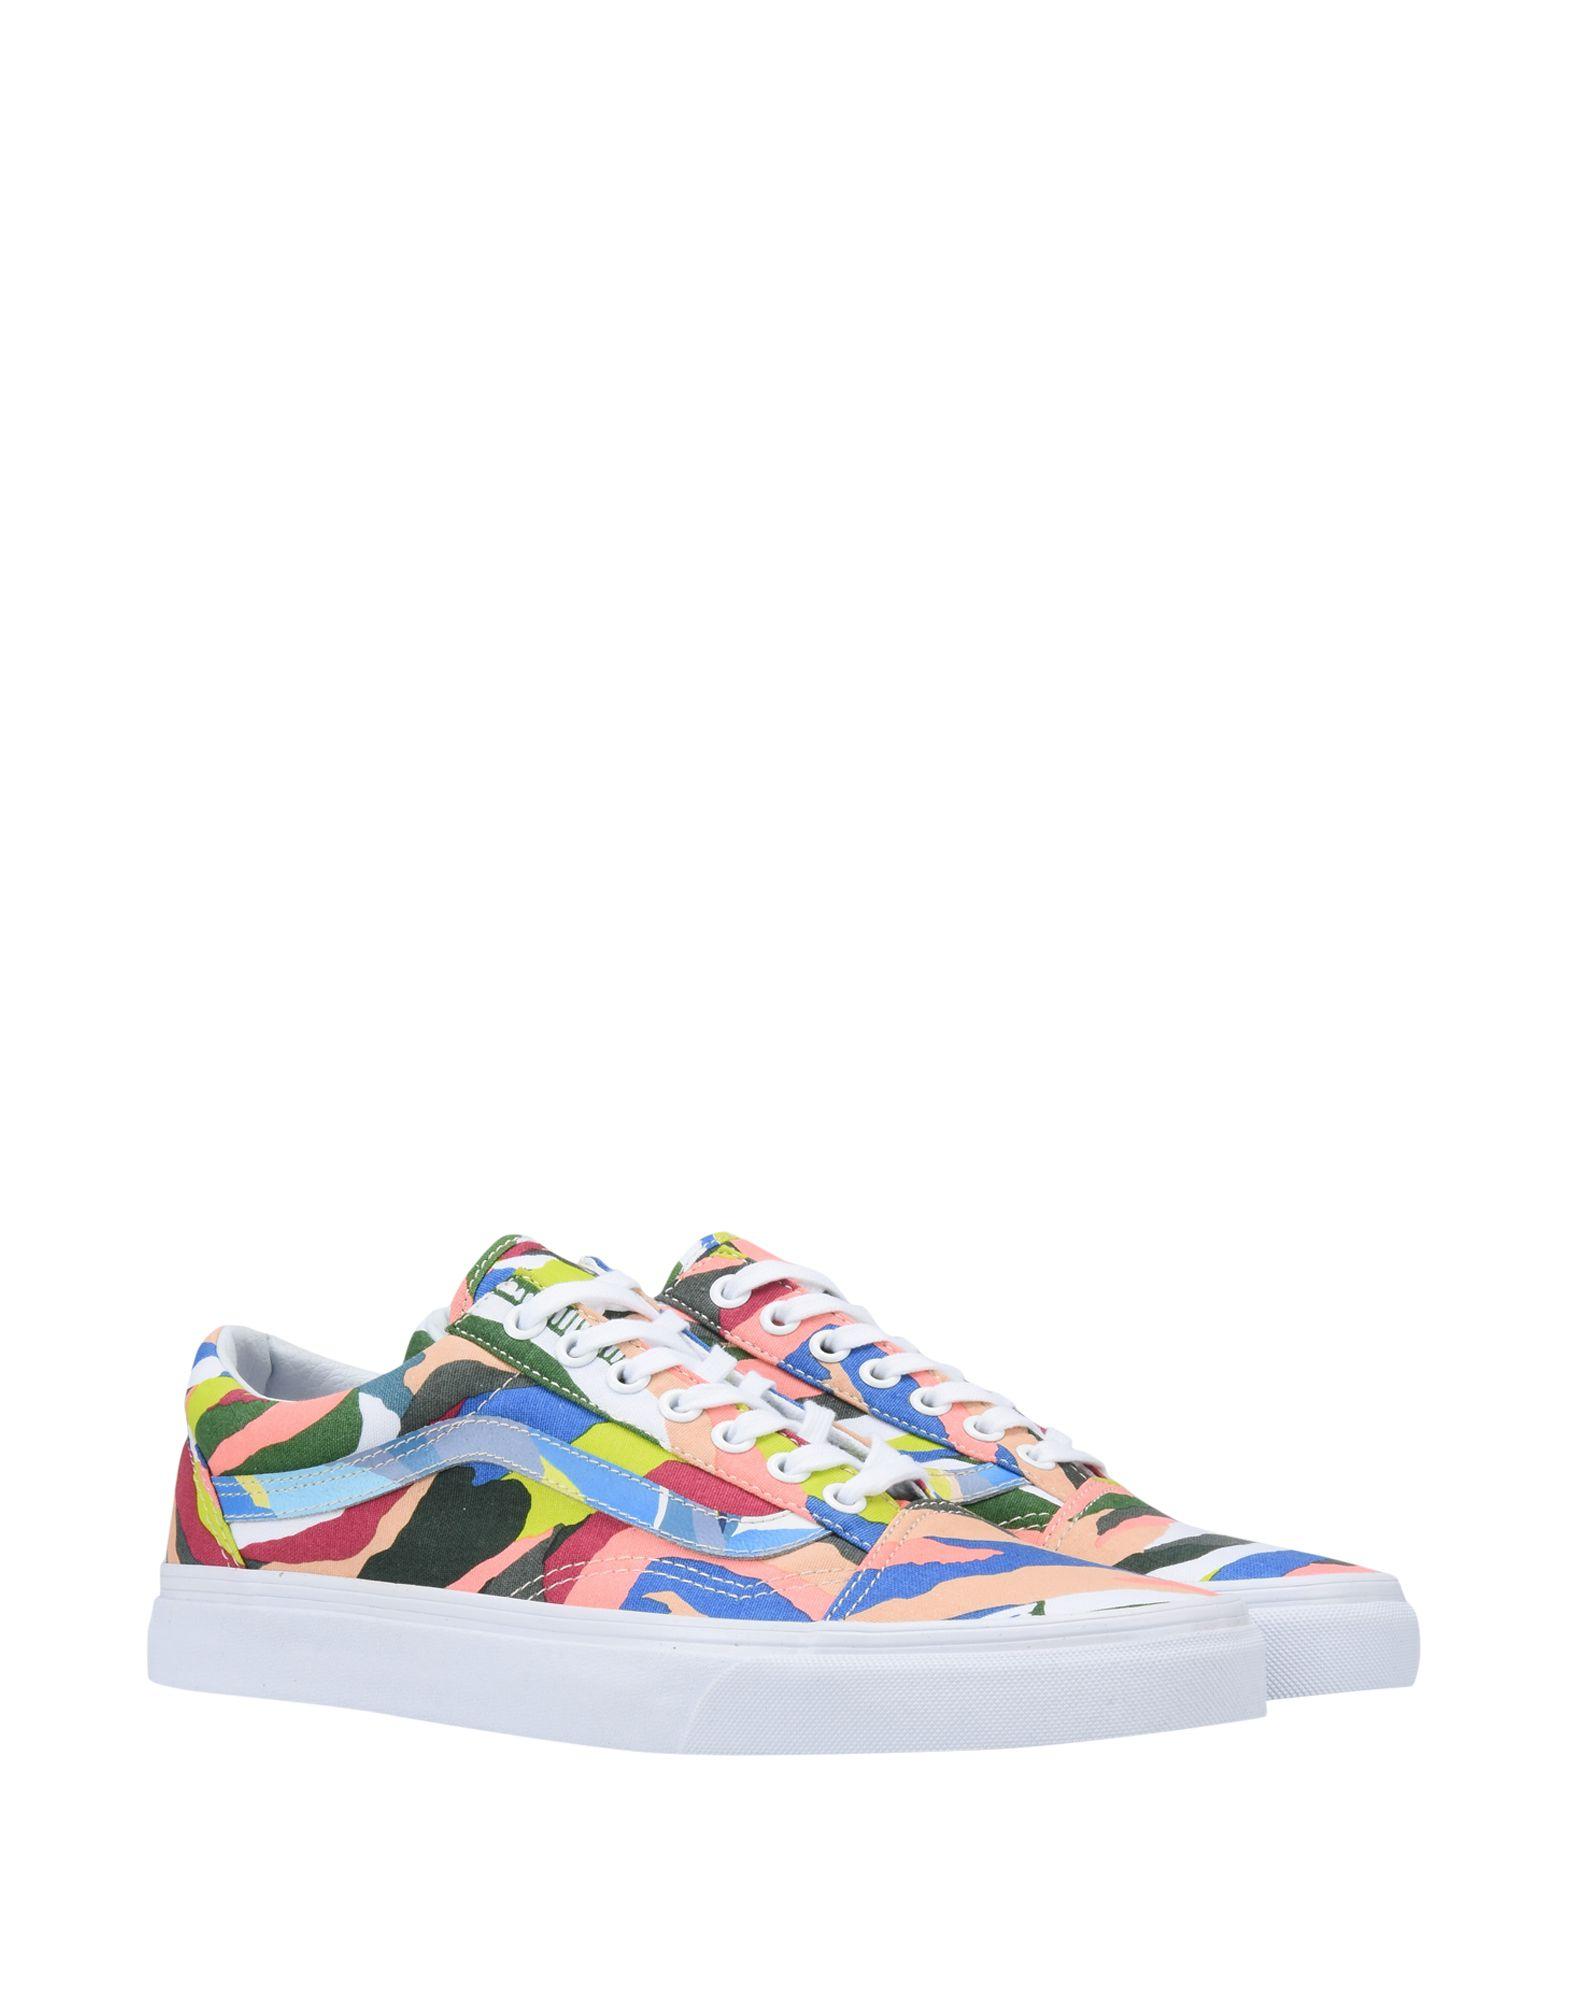 Sneakers Vans Ua Old Skool - Abstract Horizon - Femme - Sneakers Vans sur